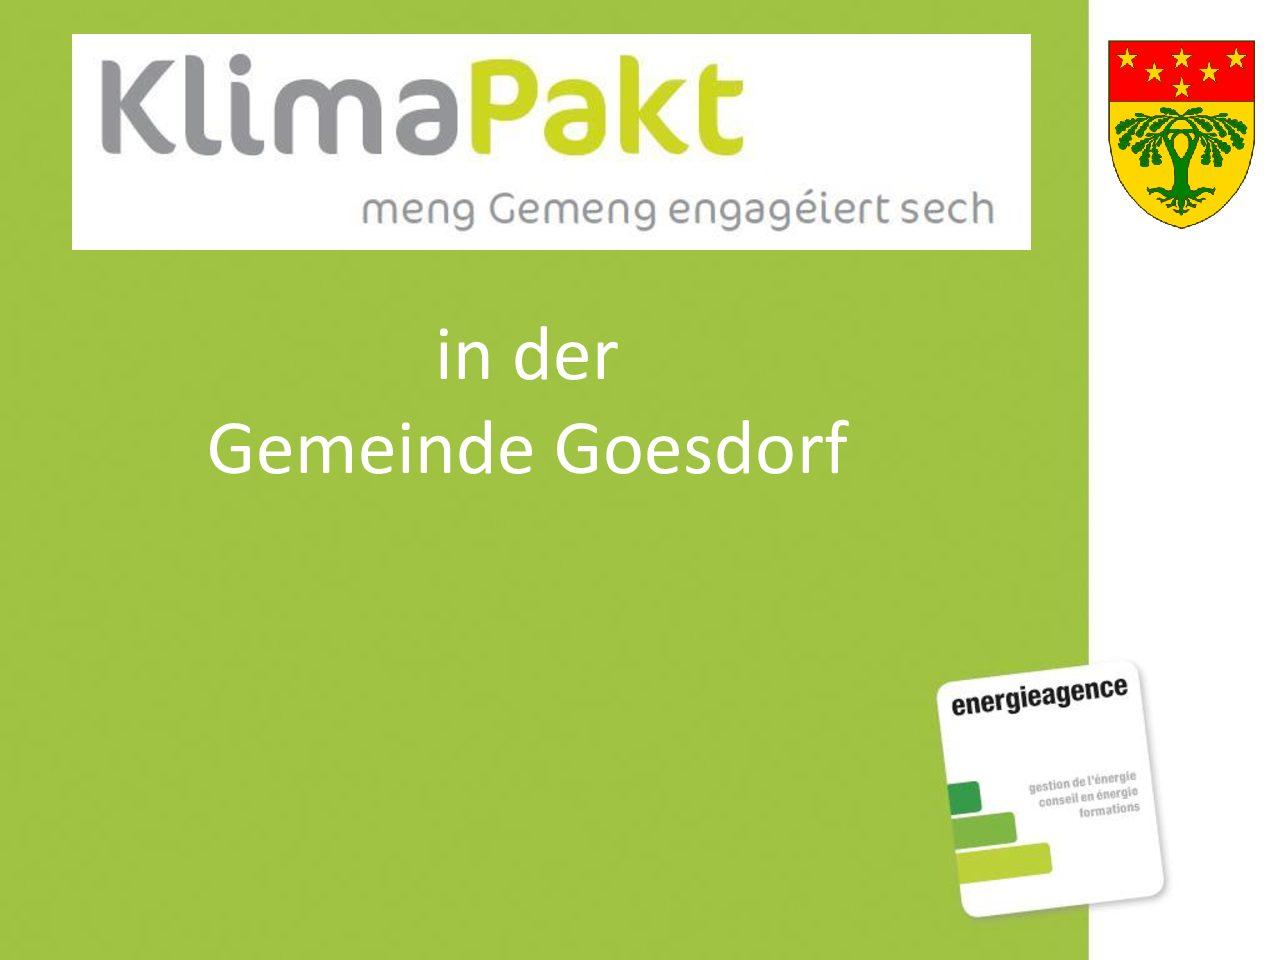 Klimapakt-Praesentation-Entente-2016-11-07